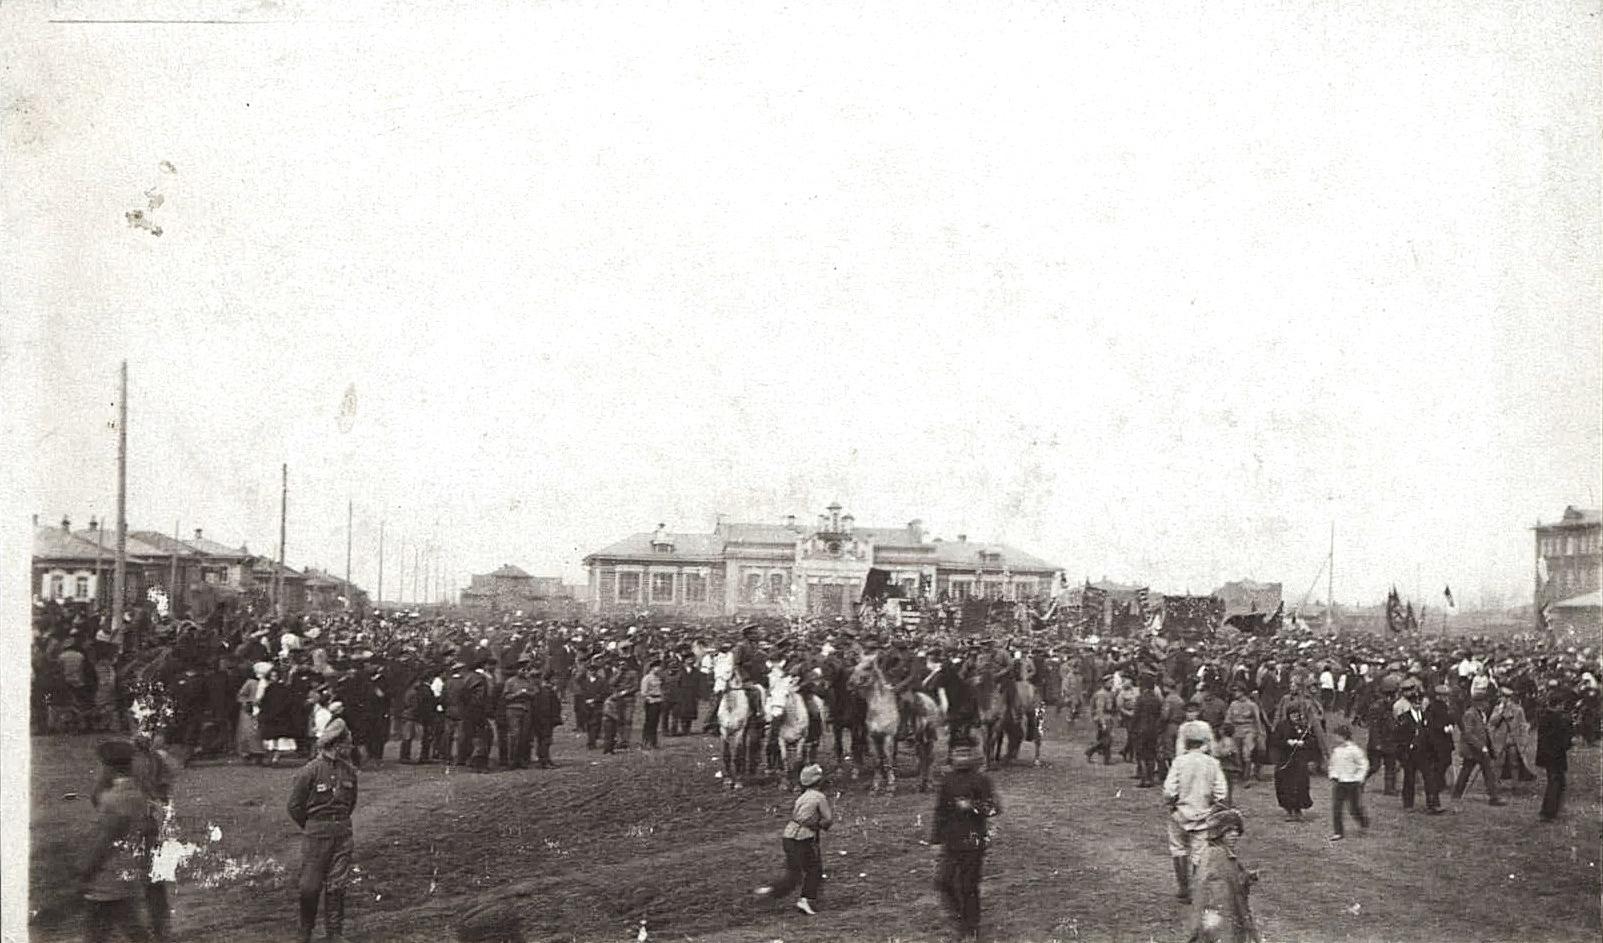 Большевистская демонстрация. 1 мая 1918 г. Г. Курган